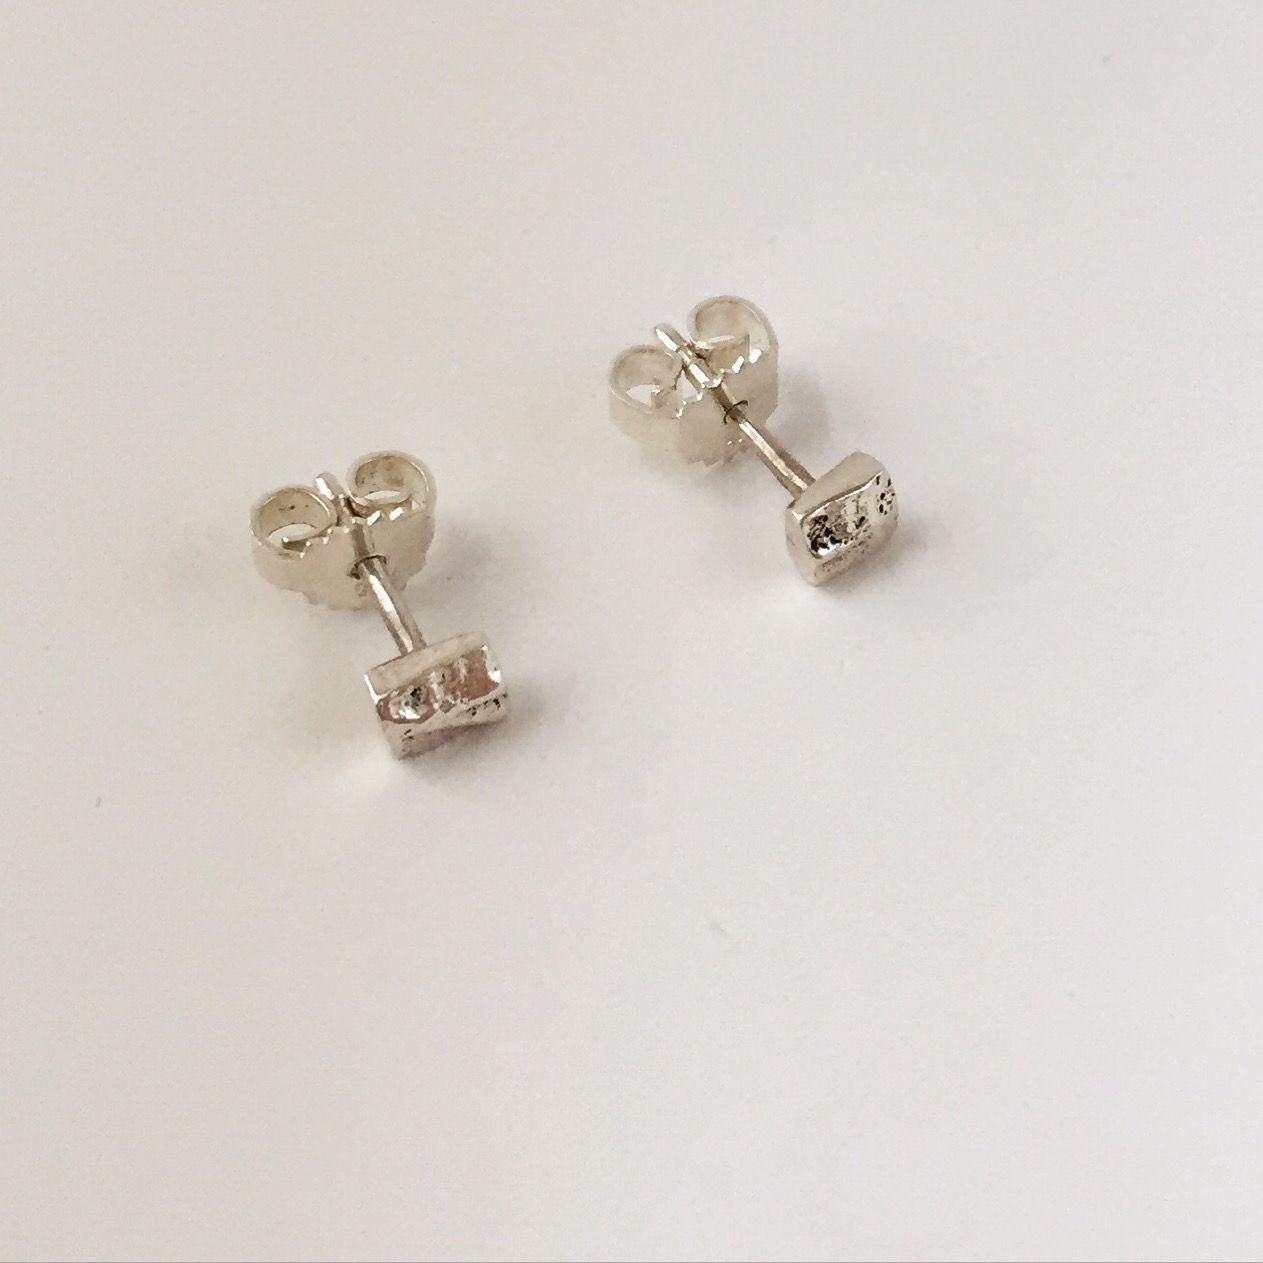 Zilveren oorknopjes. Techniek: gieten